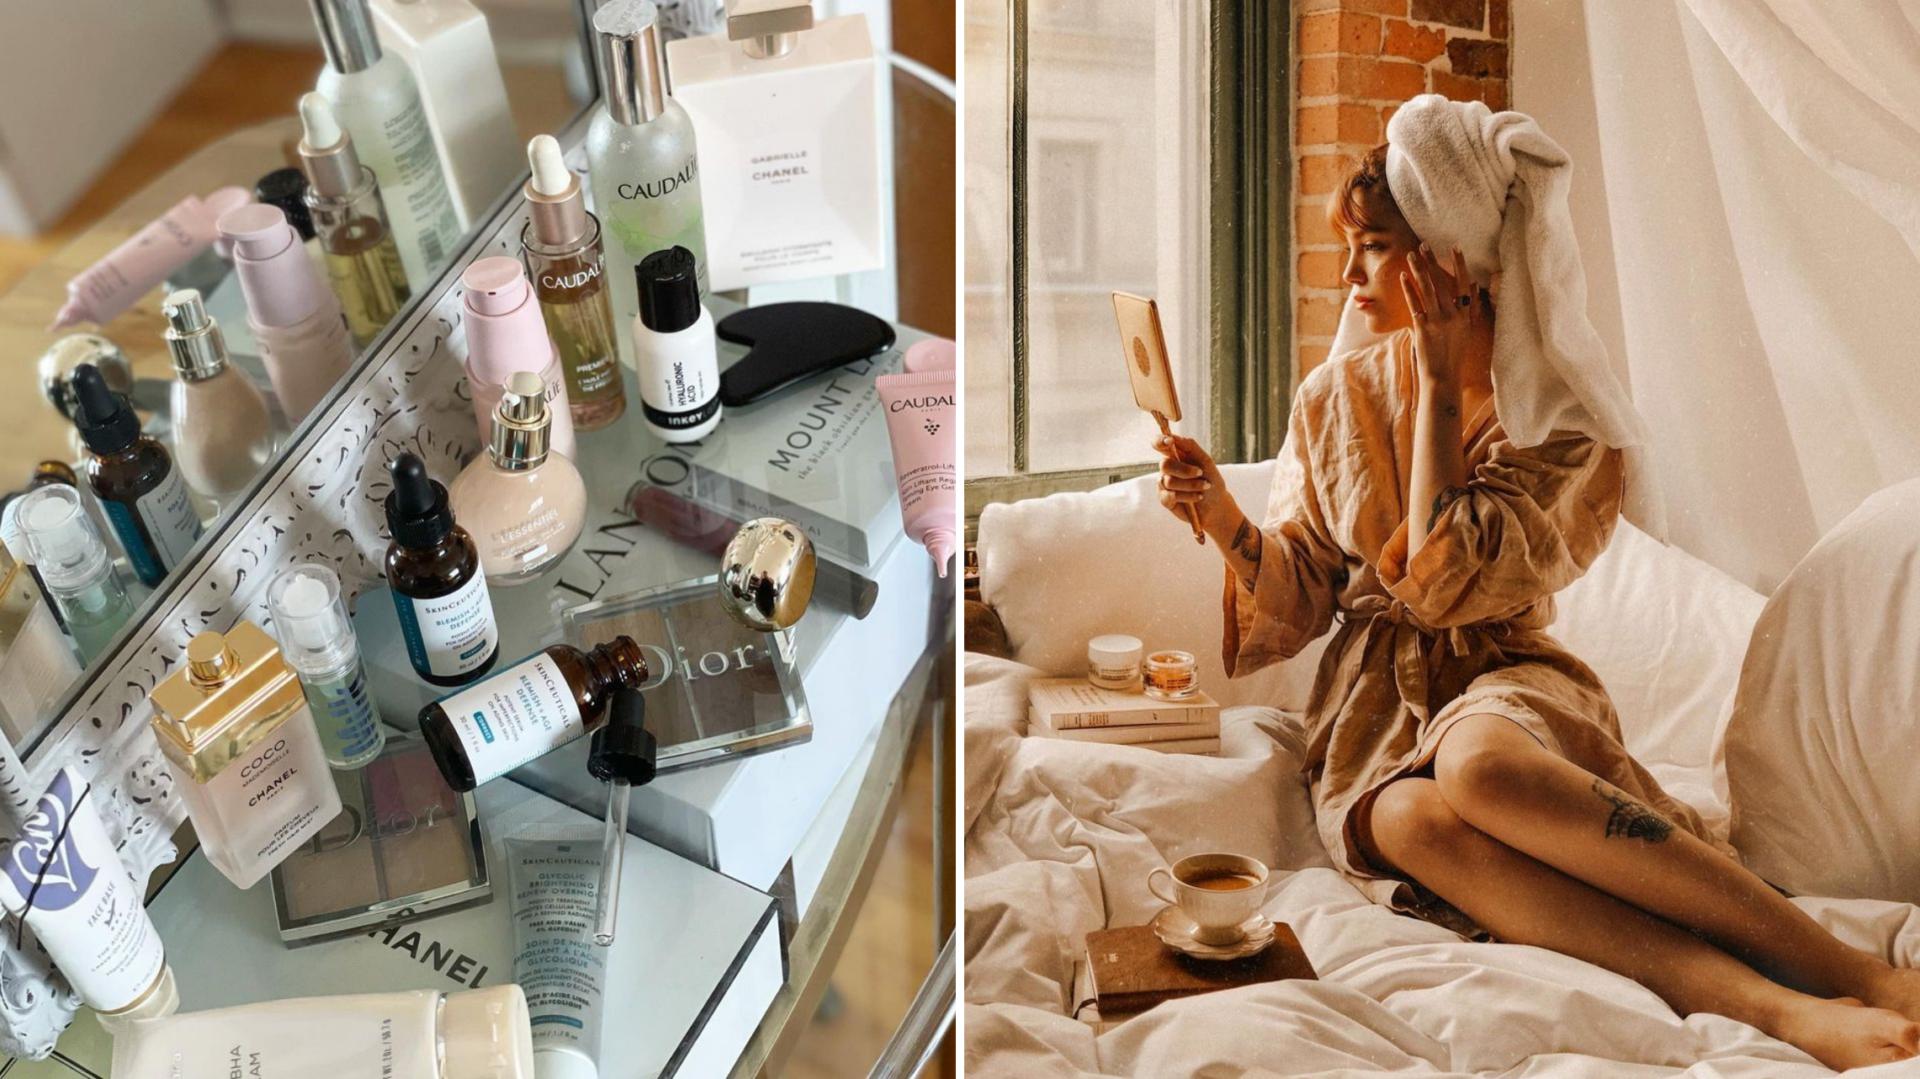 5 magnifiques produits pour prendre soin de votre corps « 'cause you deserve it »